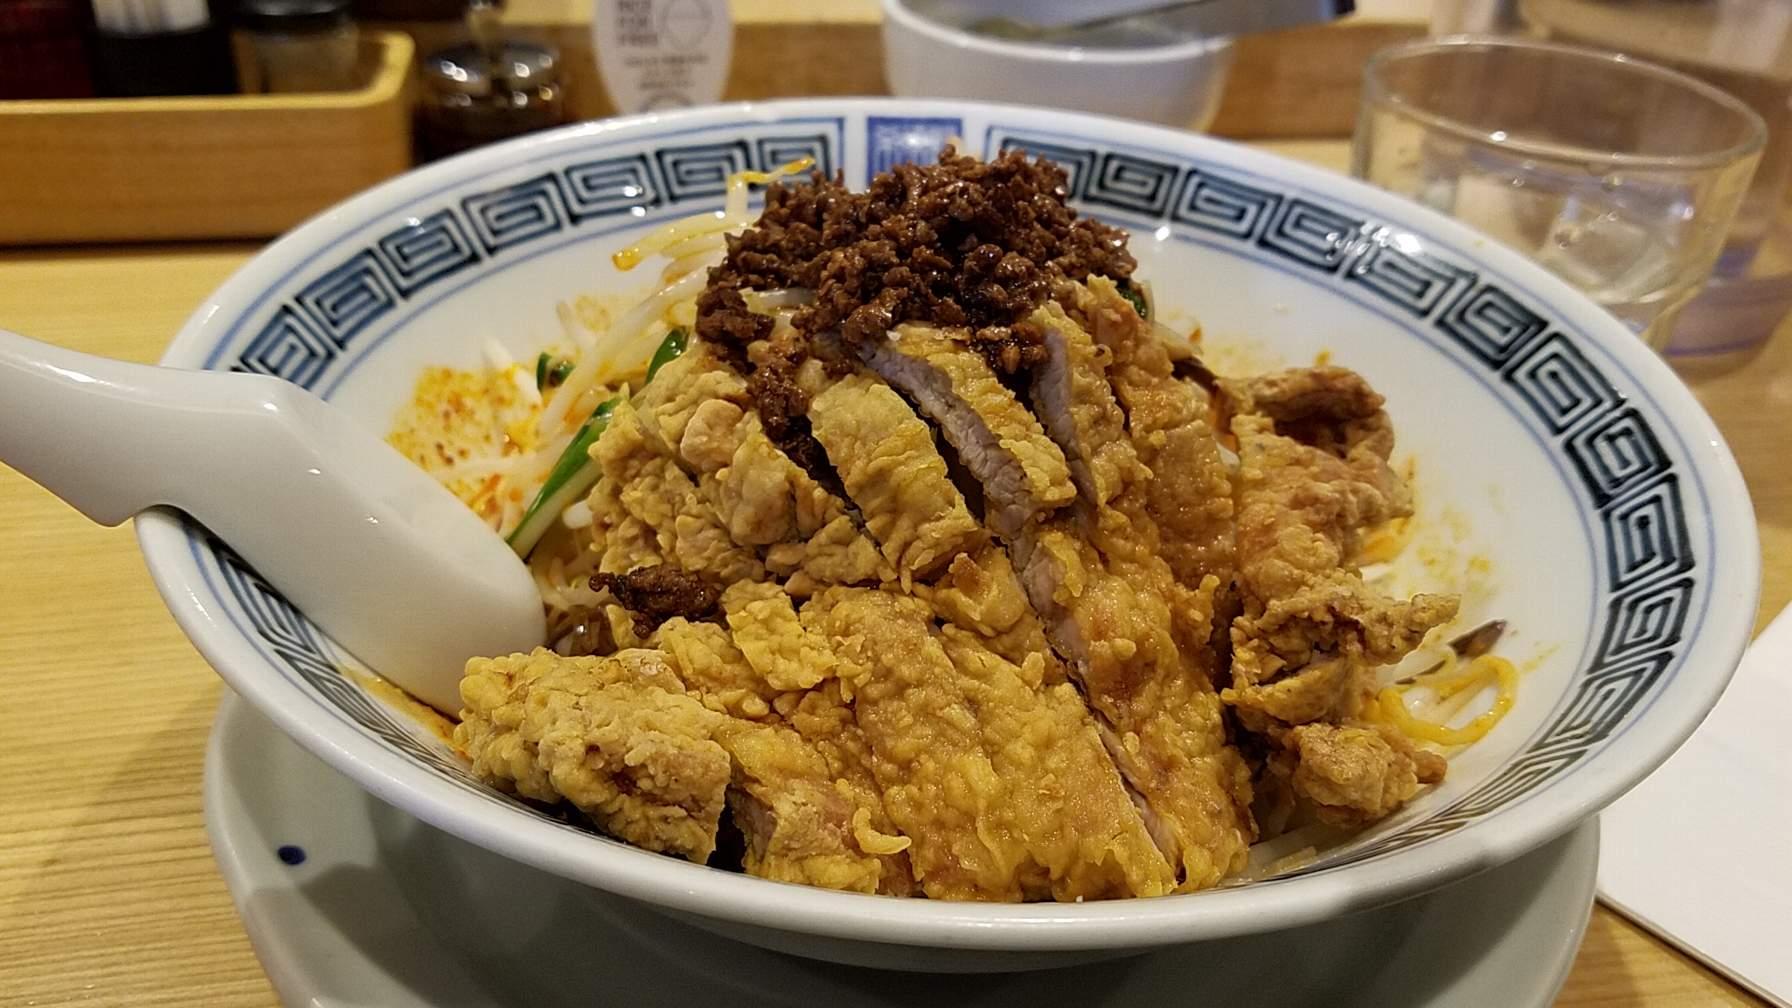 希須林担々麺屋赤坂店の汁無し担々麺